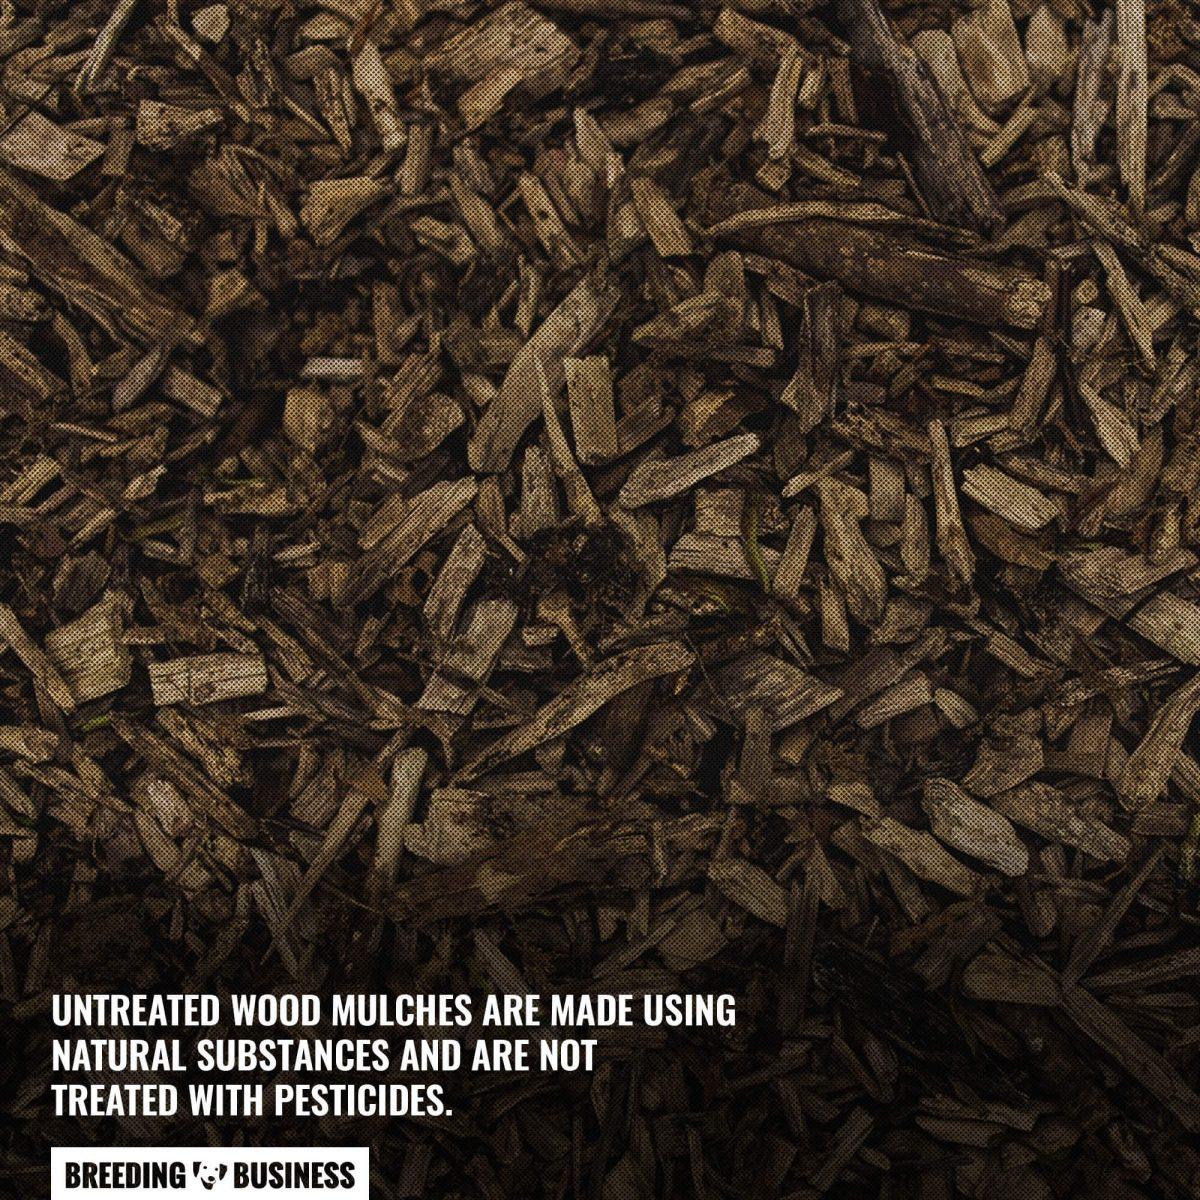 untreated wood mulch